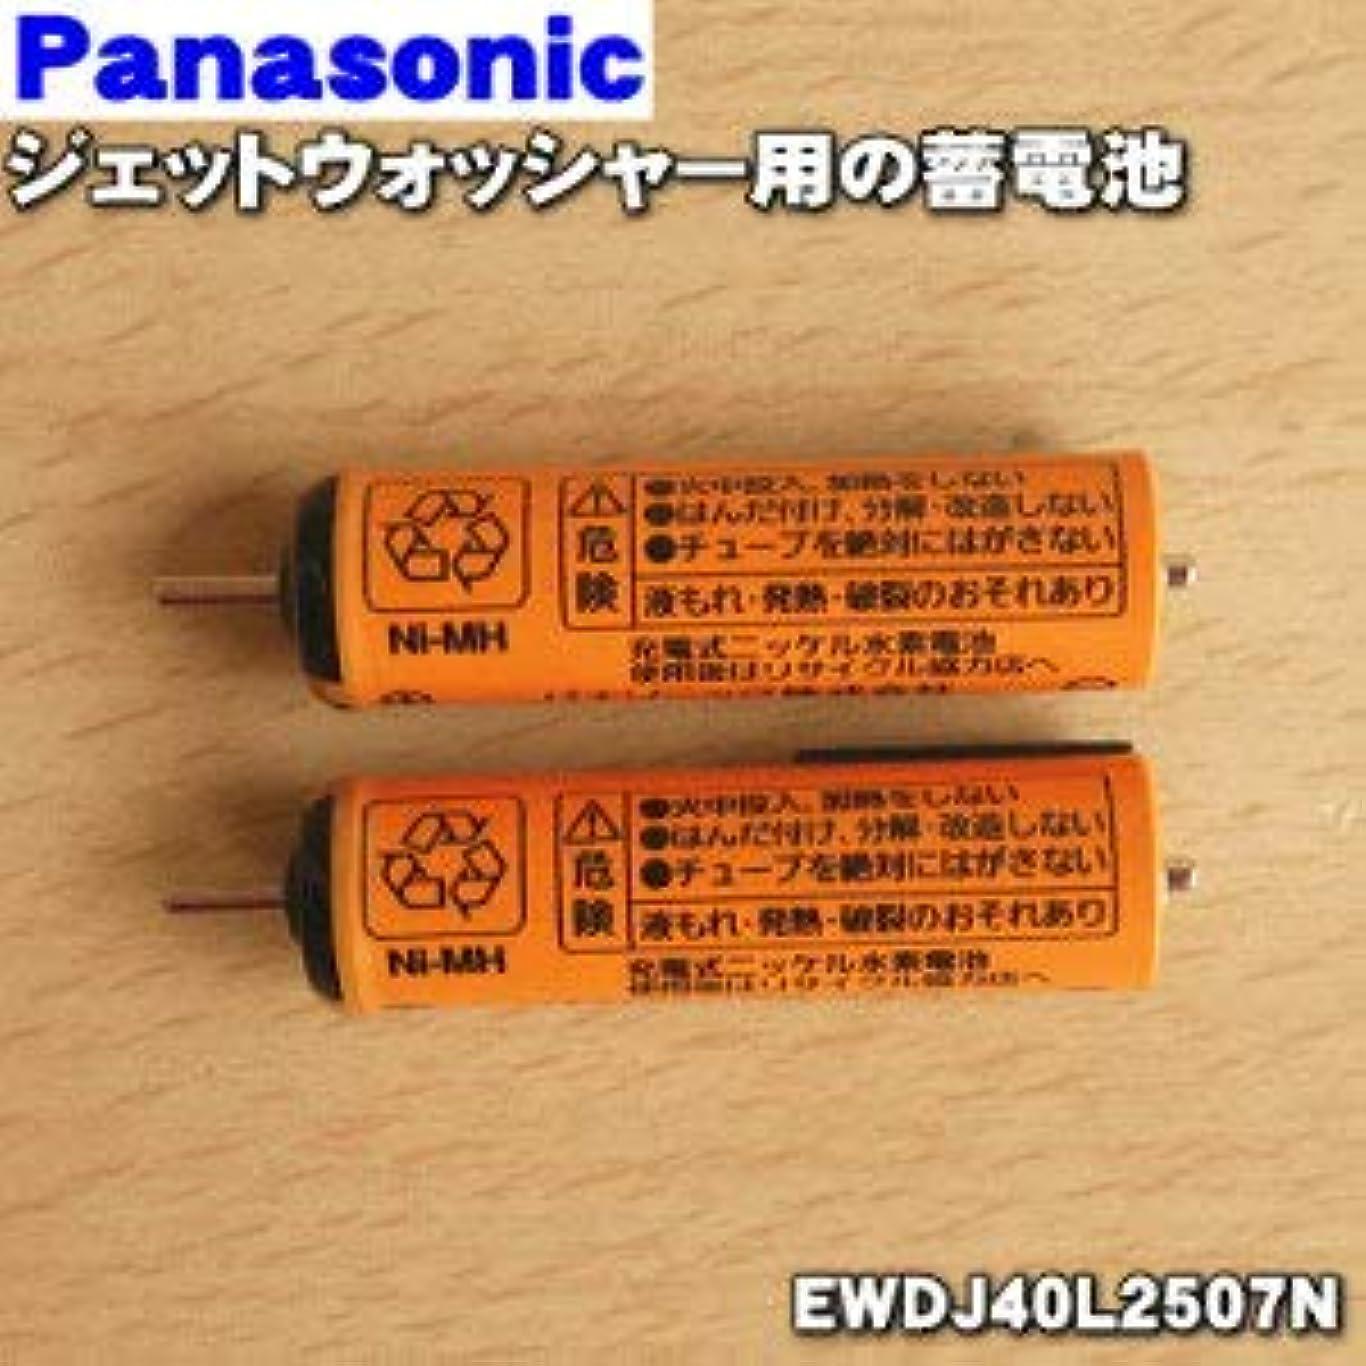 改革軽量絡まるパナソニック Panasonic 音波振動ハブラシ Doltz 蓄電池交換用蓄電池 EWDJ40L2507N